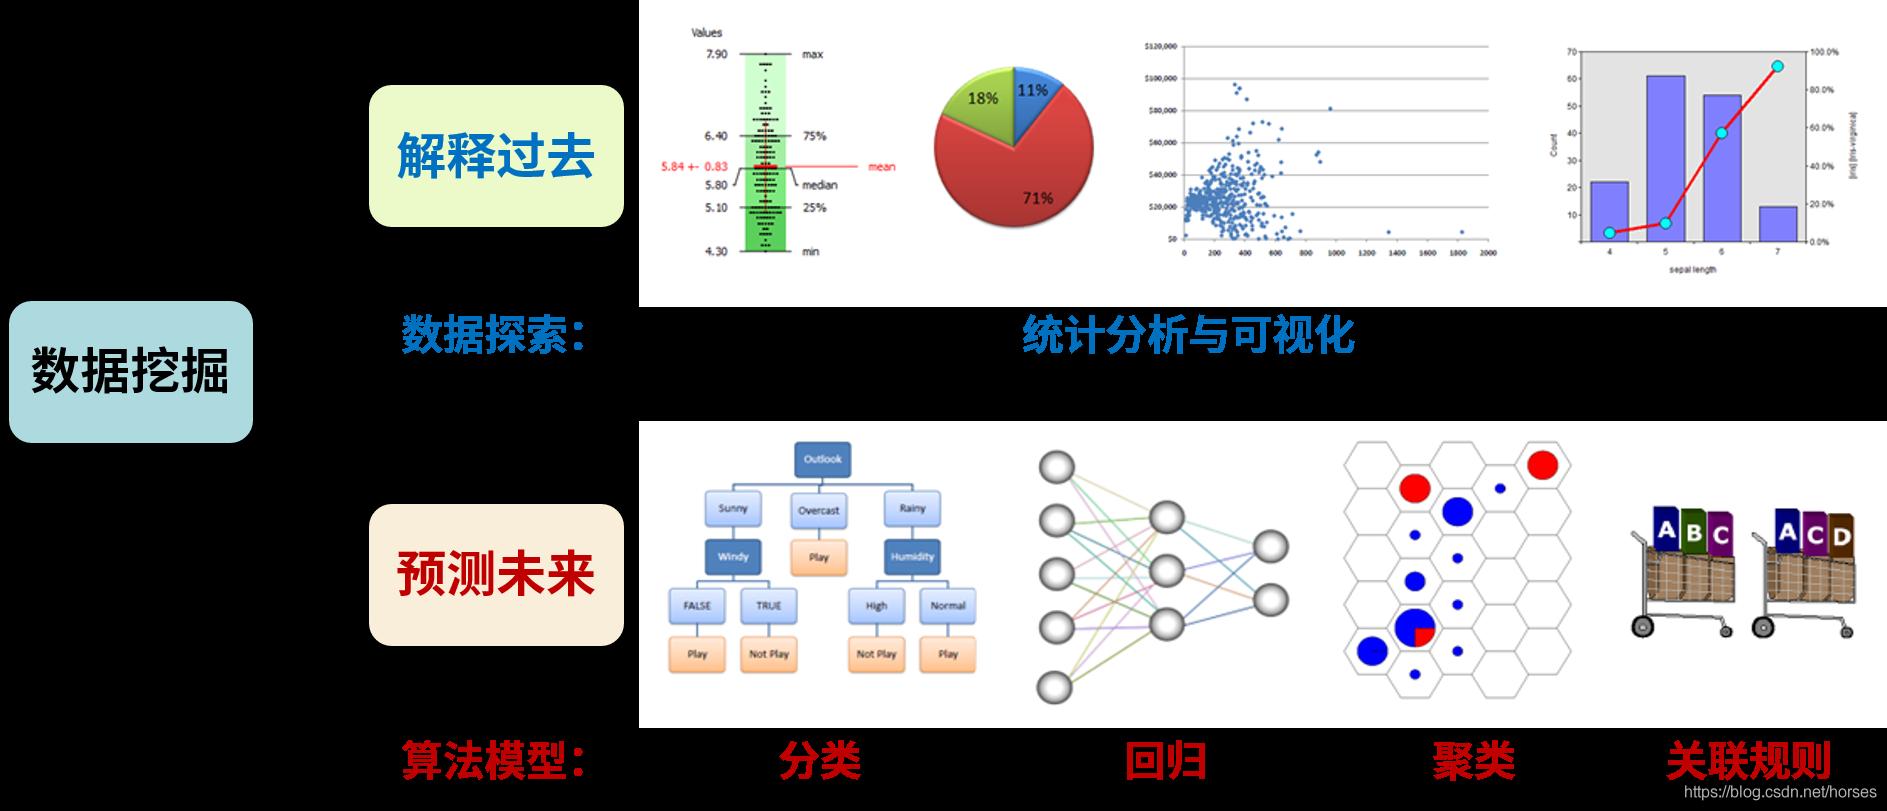 data minig